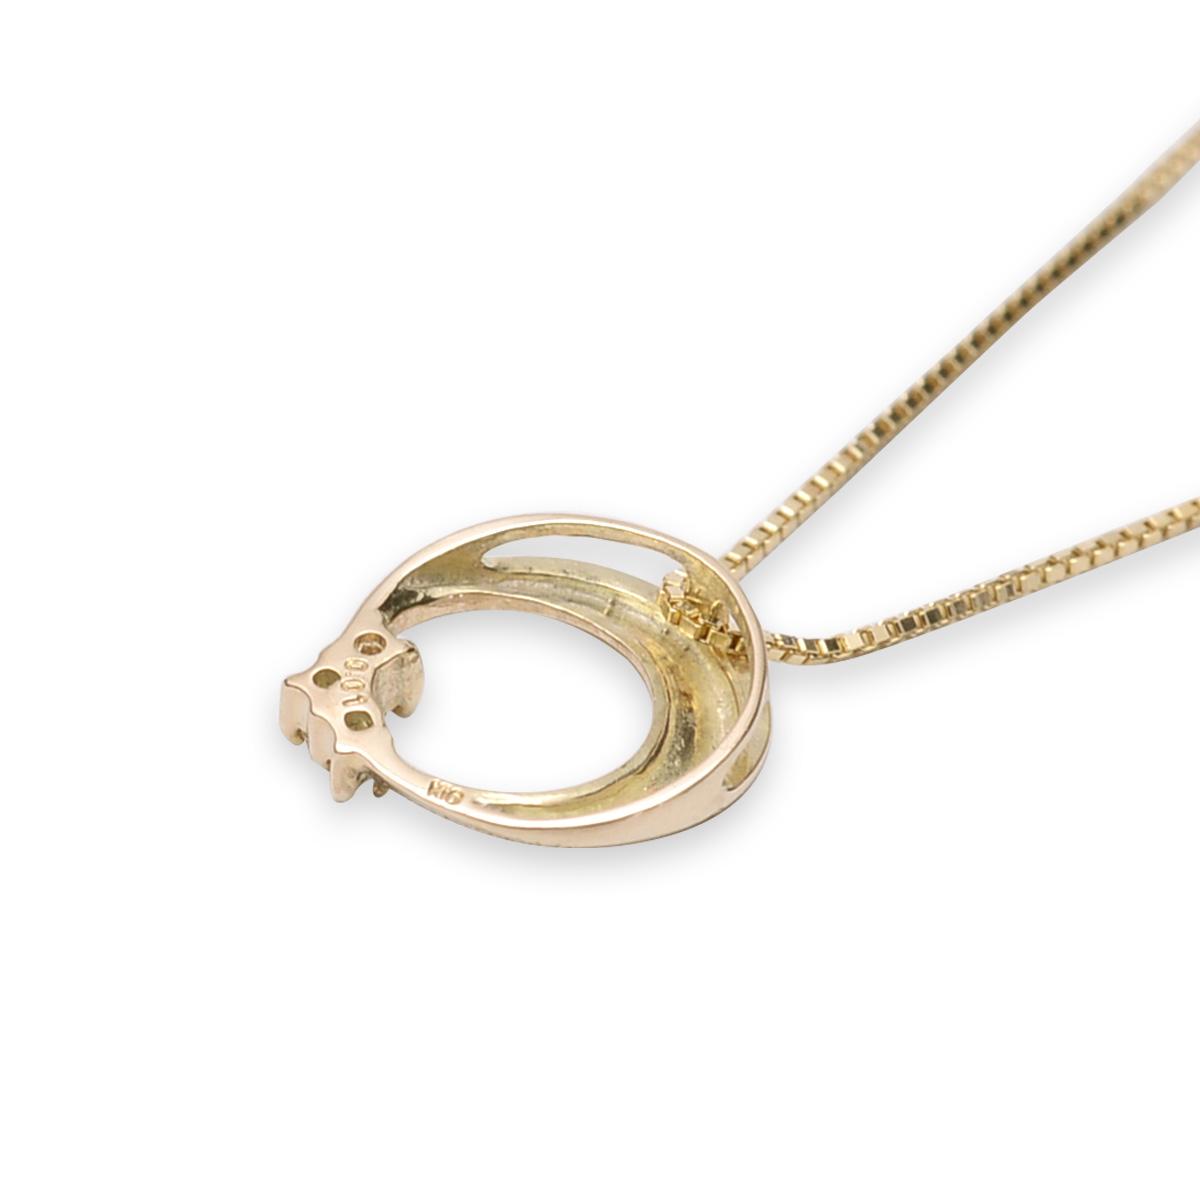 ゴールドネックレス 10k ネックレス ハワイアンジュエリー レディース 女性 10金 K10 ゴールド ・ムーンペンダント ダイヤモンド 0.01ct ペンダント イエローゴールド 華奢 ane1540  新作